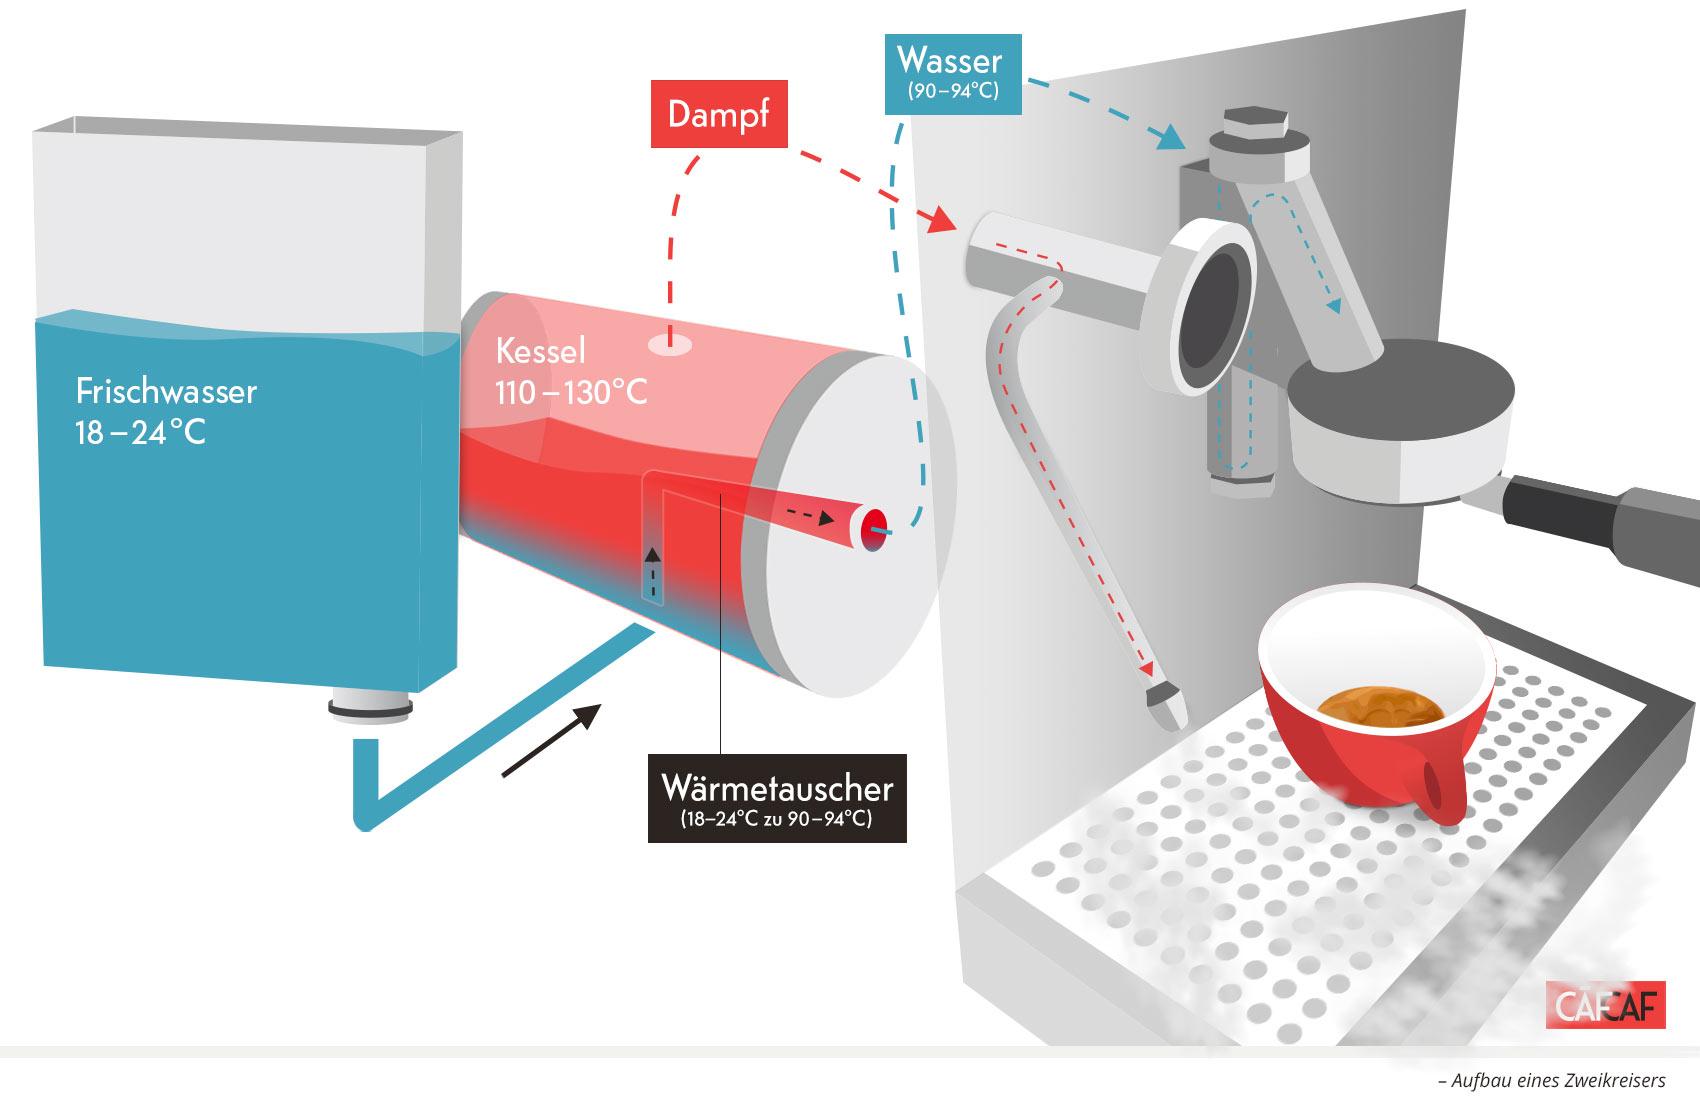 CafCaf Kaffee Blog, Kaffeeblog: Aufbau Zweikreiser, Schaubild